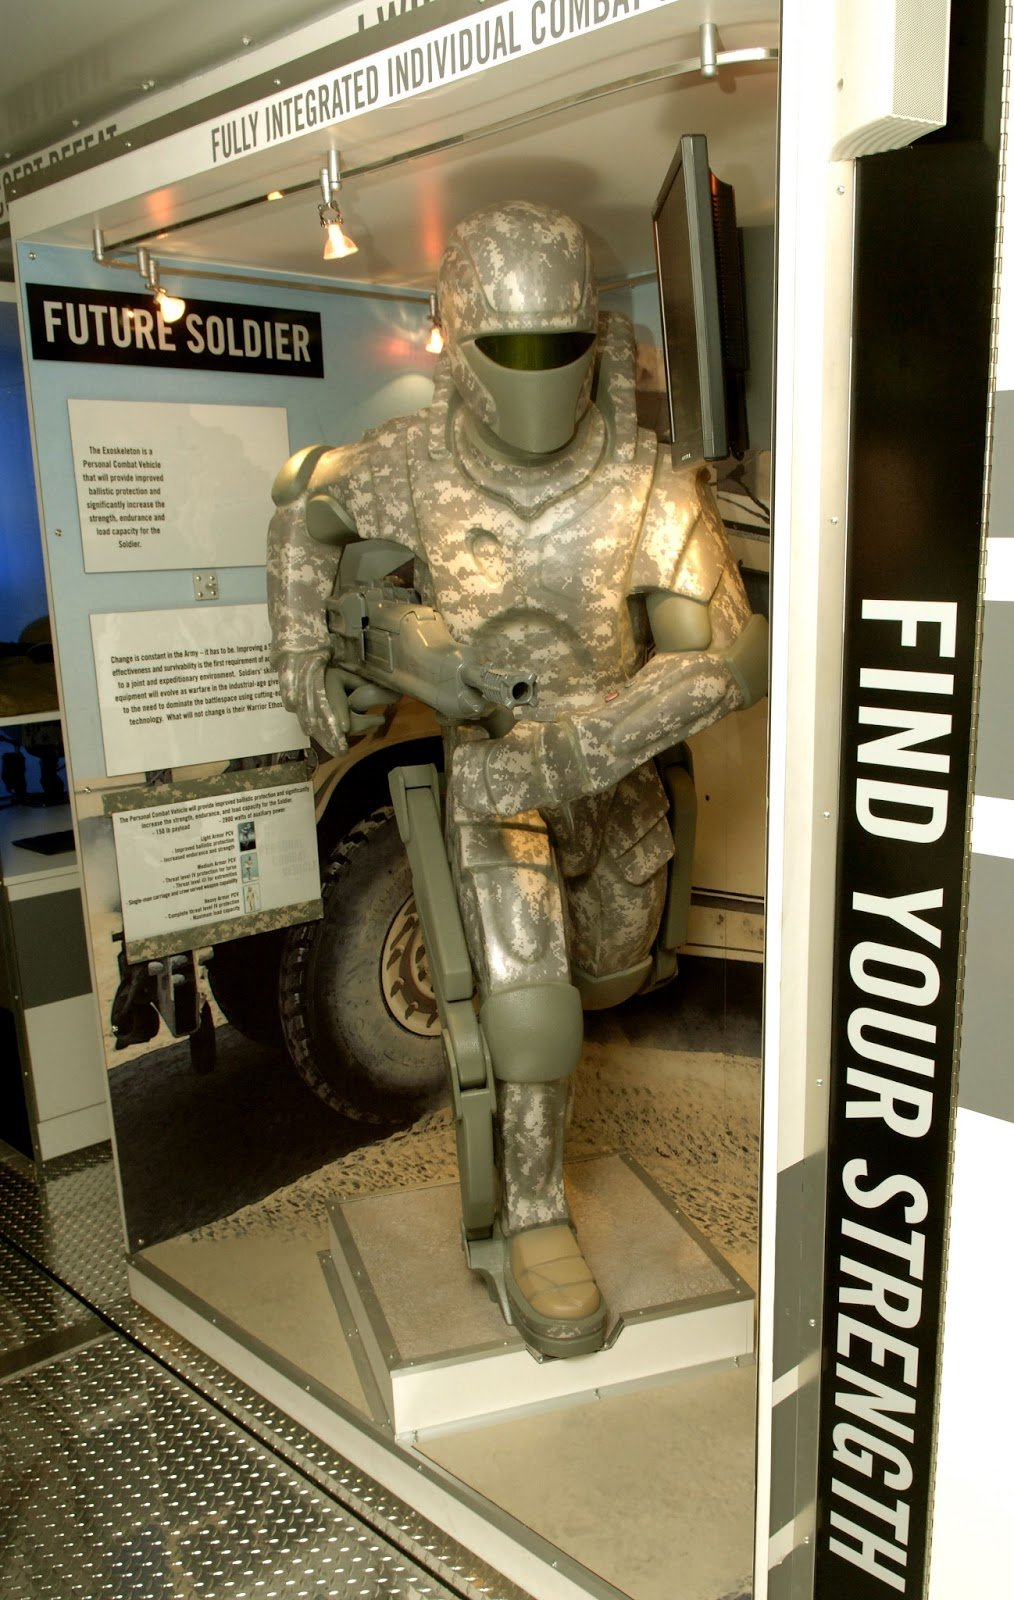 У армии США появятся прототипы Железного человека | Канобу - Изображение 10920